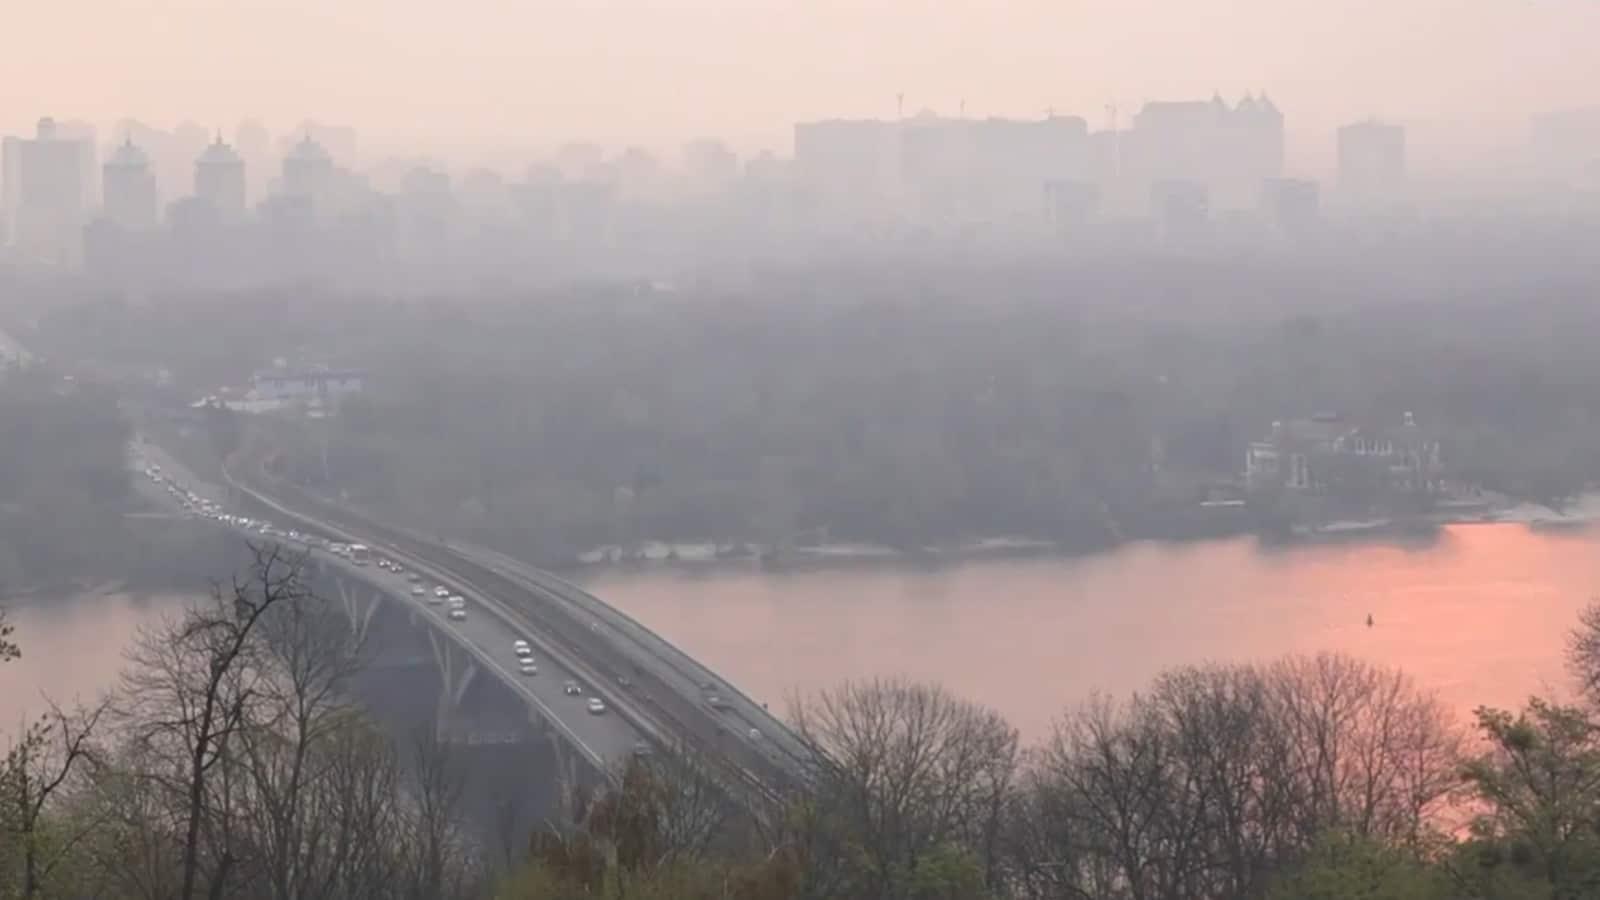 Videó: Kijevet elérte a csernobili erdőtűz füstje, Moszkva kész segíteni az oltásban, ha Ukrajna kéri